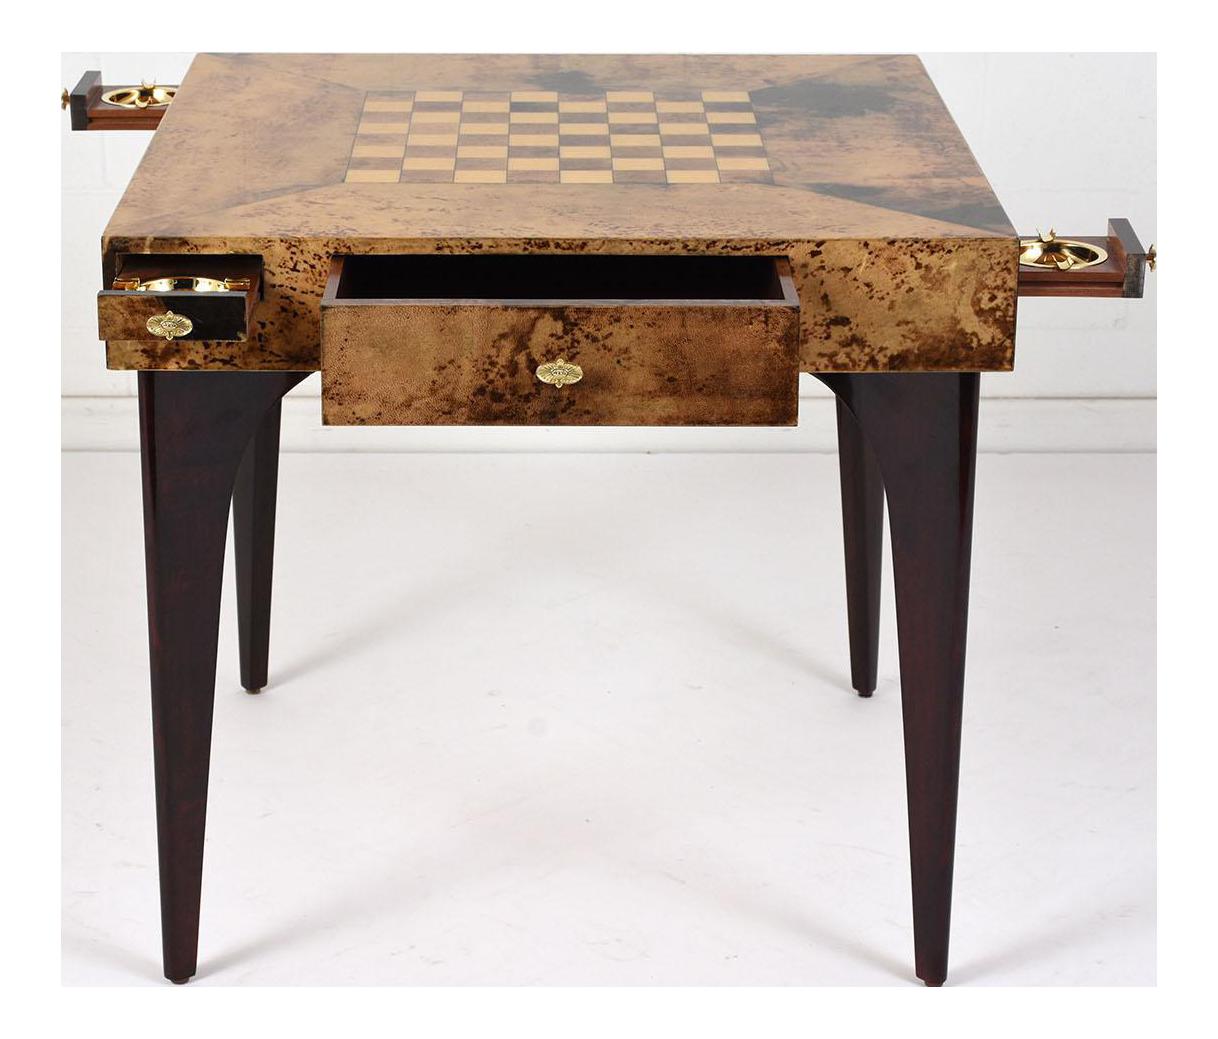 Aldo Tura Modern Burl Wood Veneer Game Table